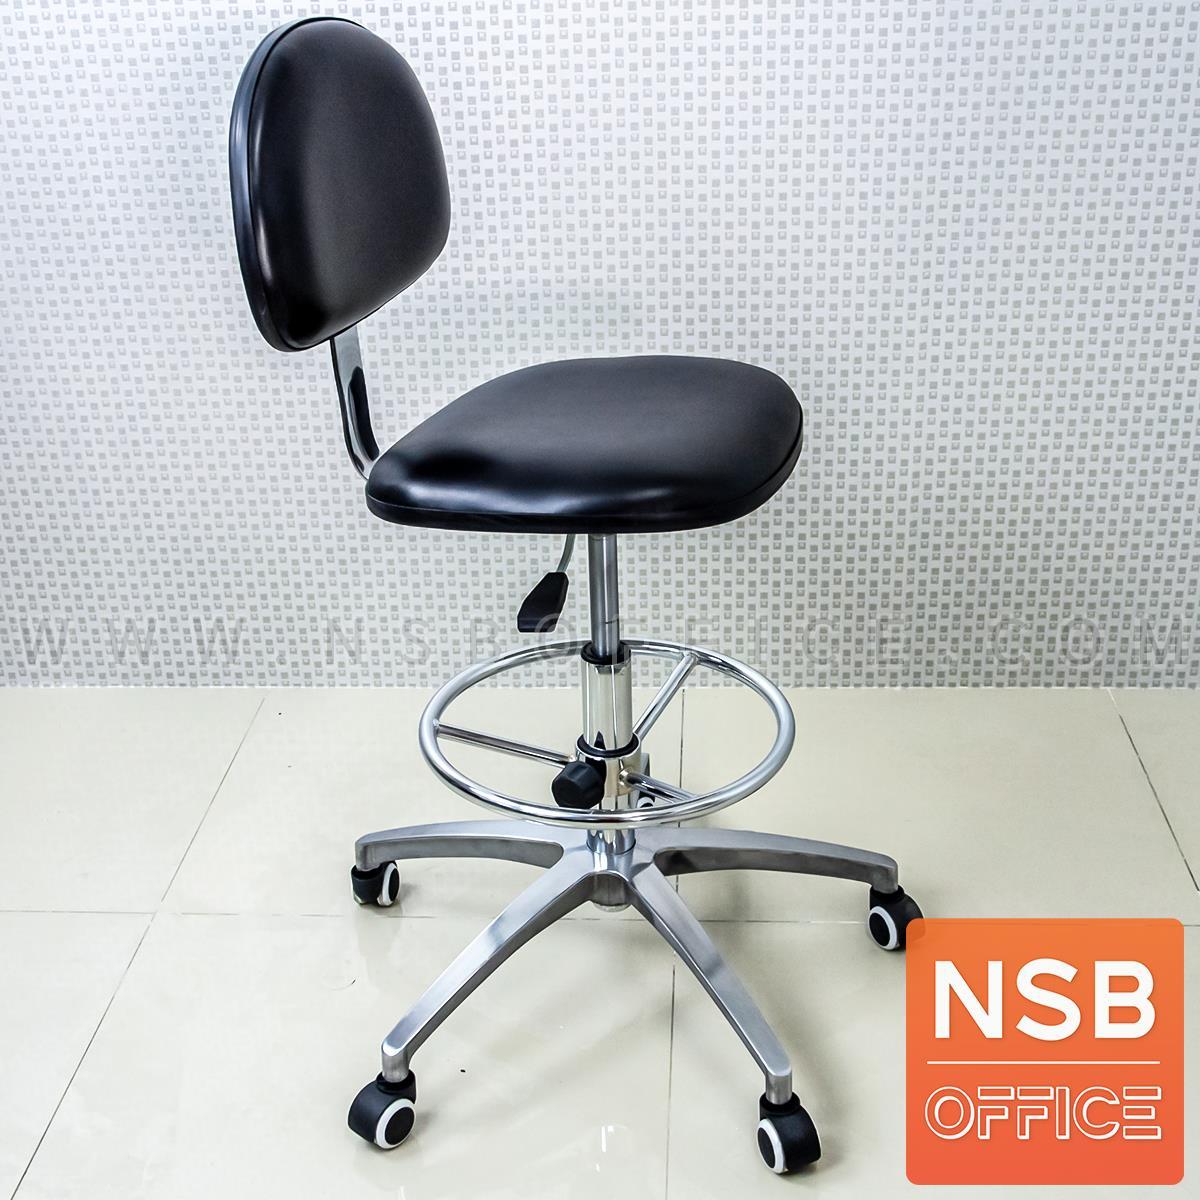 เก้าอี้บาร์ที่นั่งเหลี่ยมล้อเลื่อน รุ่น Vernis (เวอร์นิส)  ขาอลูมิเนียม หนังดำ